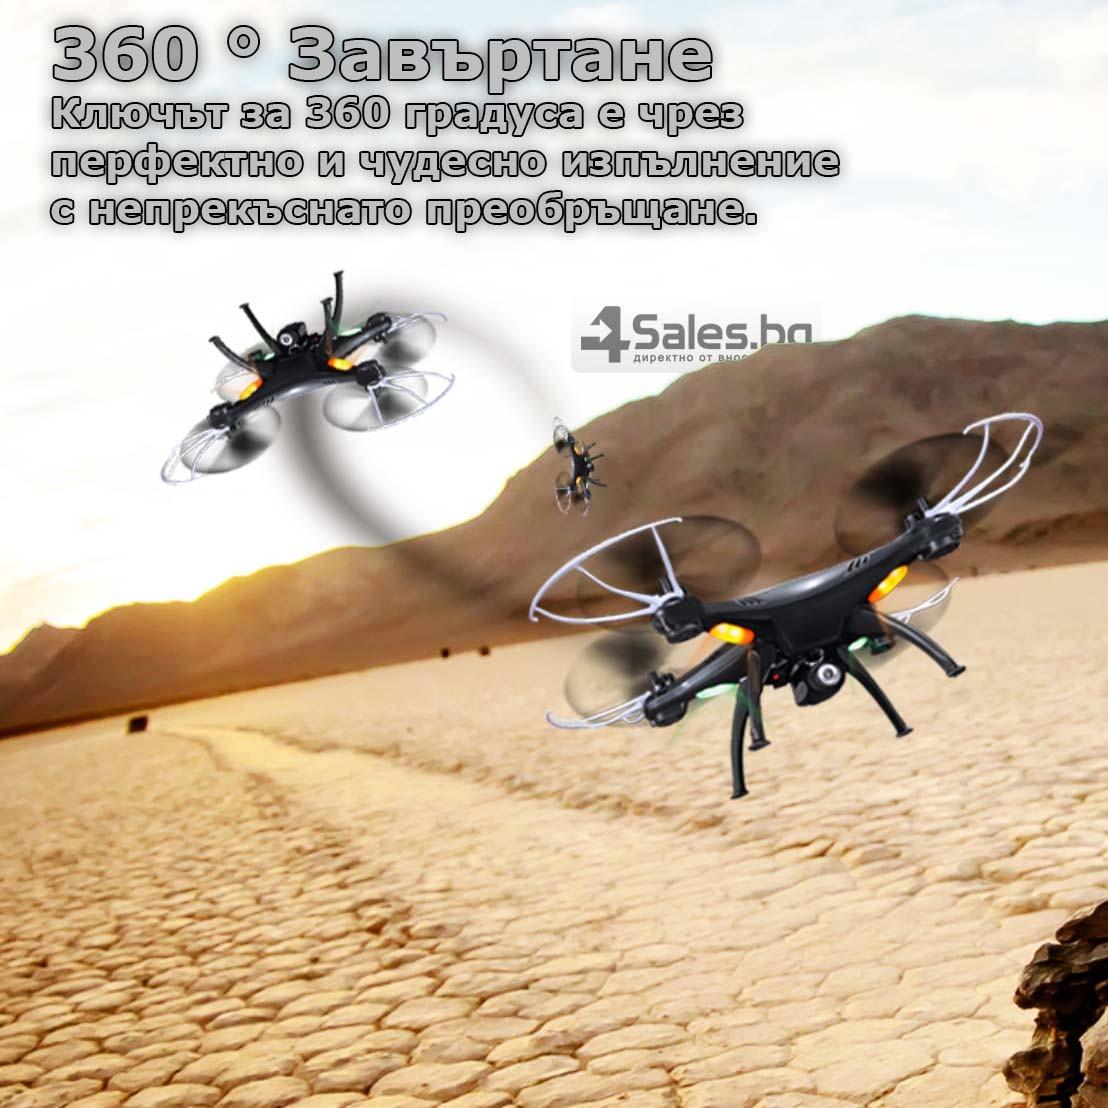 Дрон Syma X5SW Explorers с 2mpx HD камера, 2.4 Ghz обхват до 200 метра 68